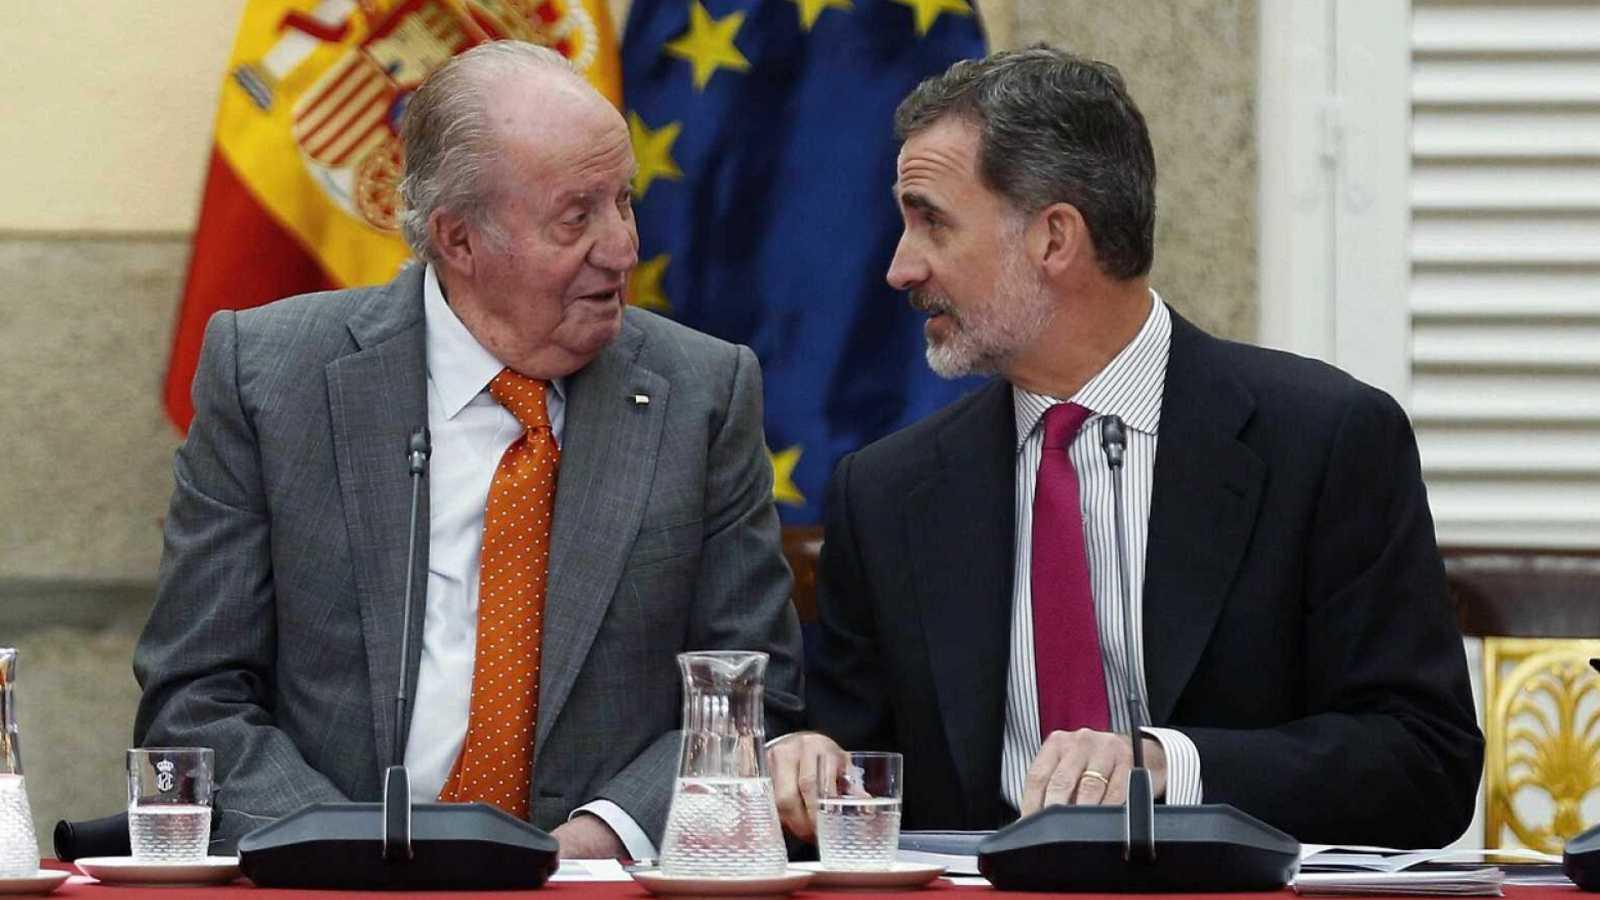 Boletines RNE - Reacciones políticas a la decisión de Juan Carlos I - Escuchar ahora